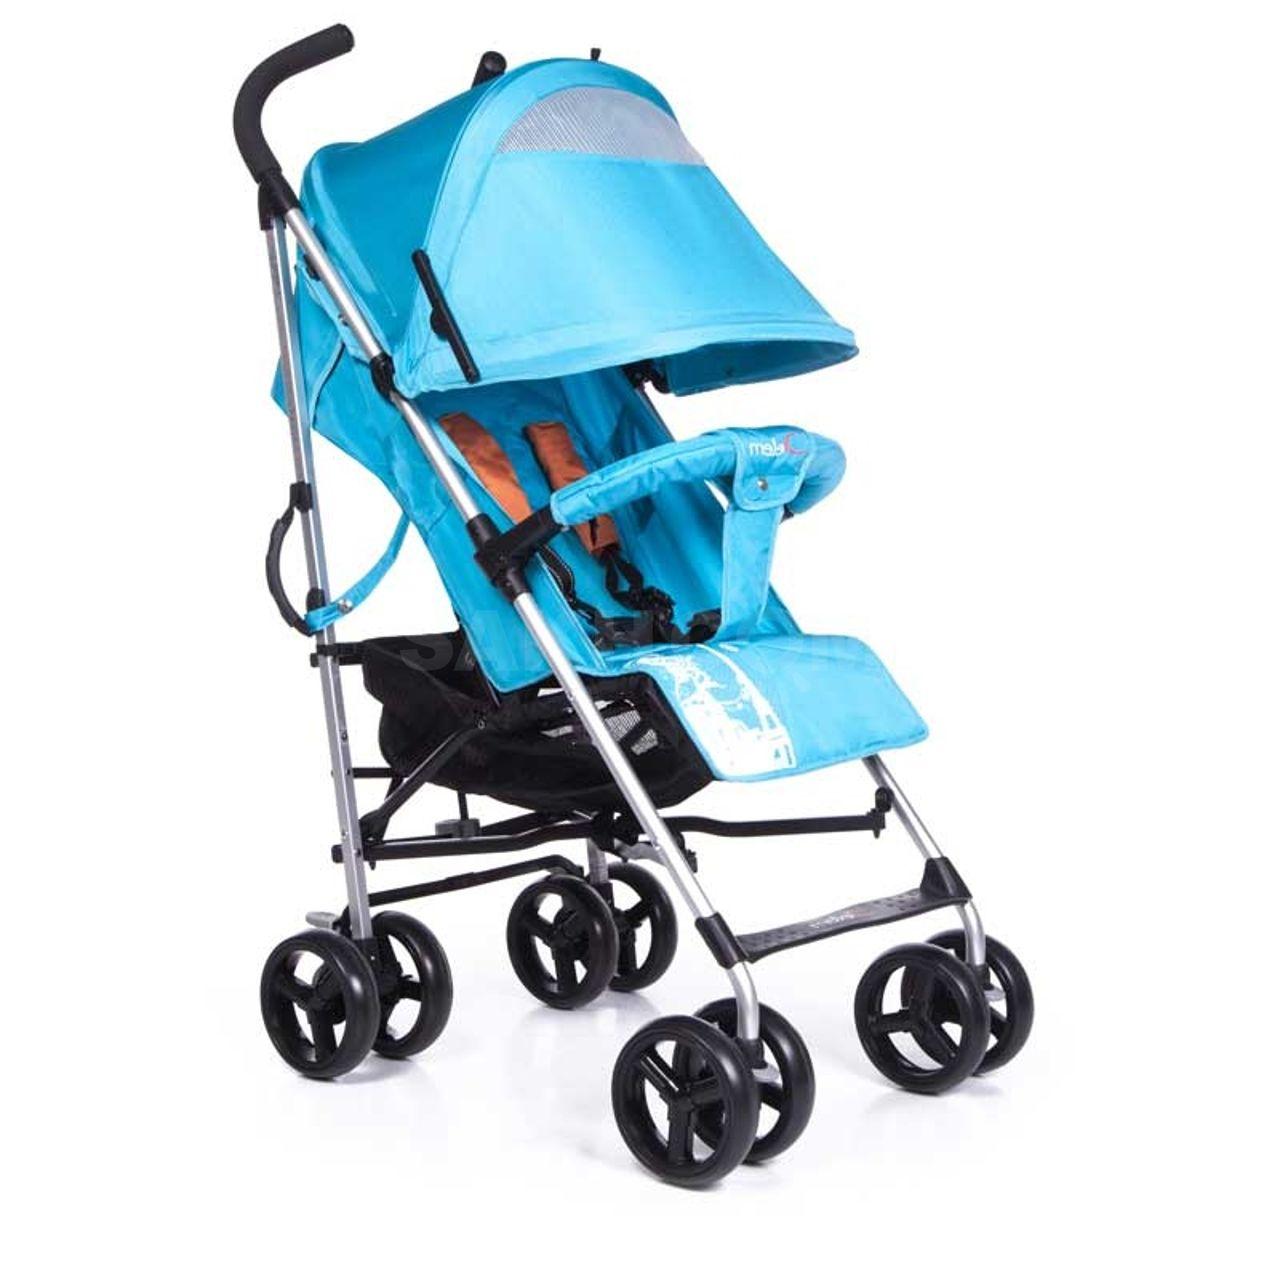 Прогулочная коляска для путешествий: самая легкая и компактная, складная для прогулок, рейтинг-2020 лучших